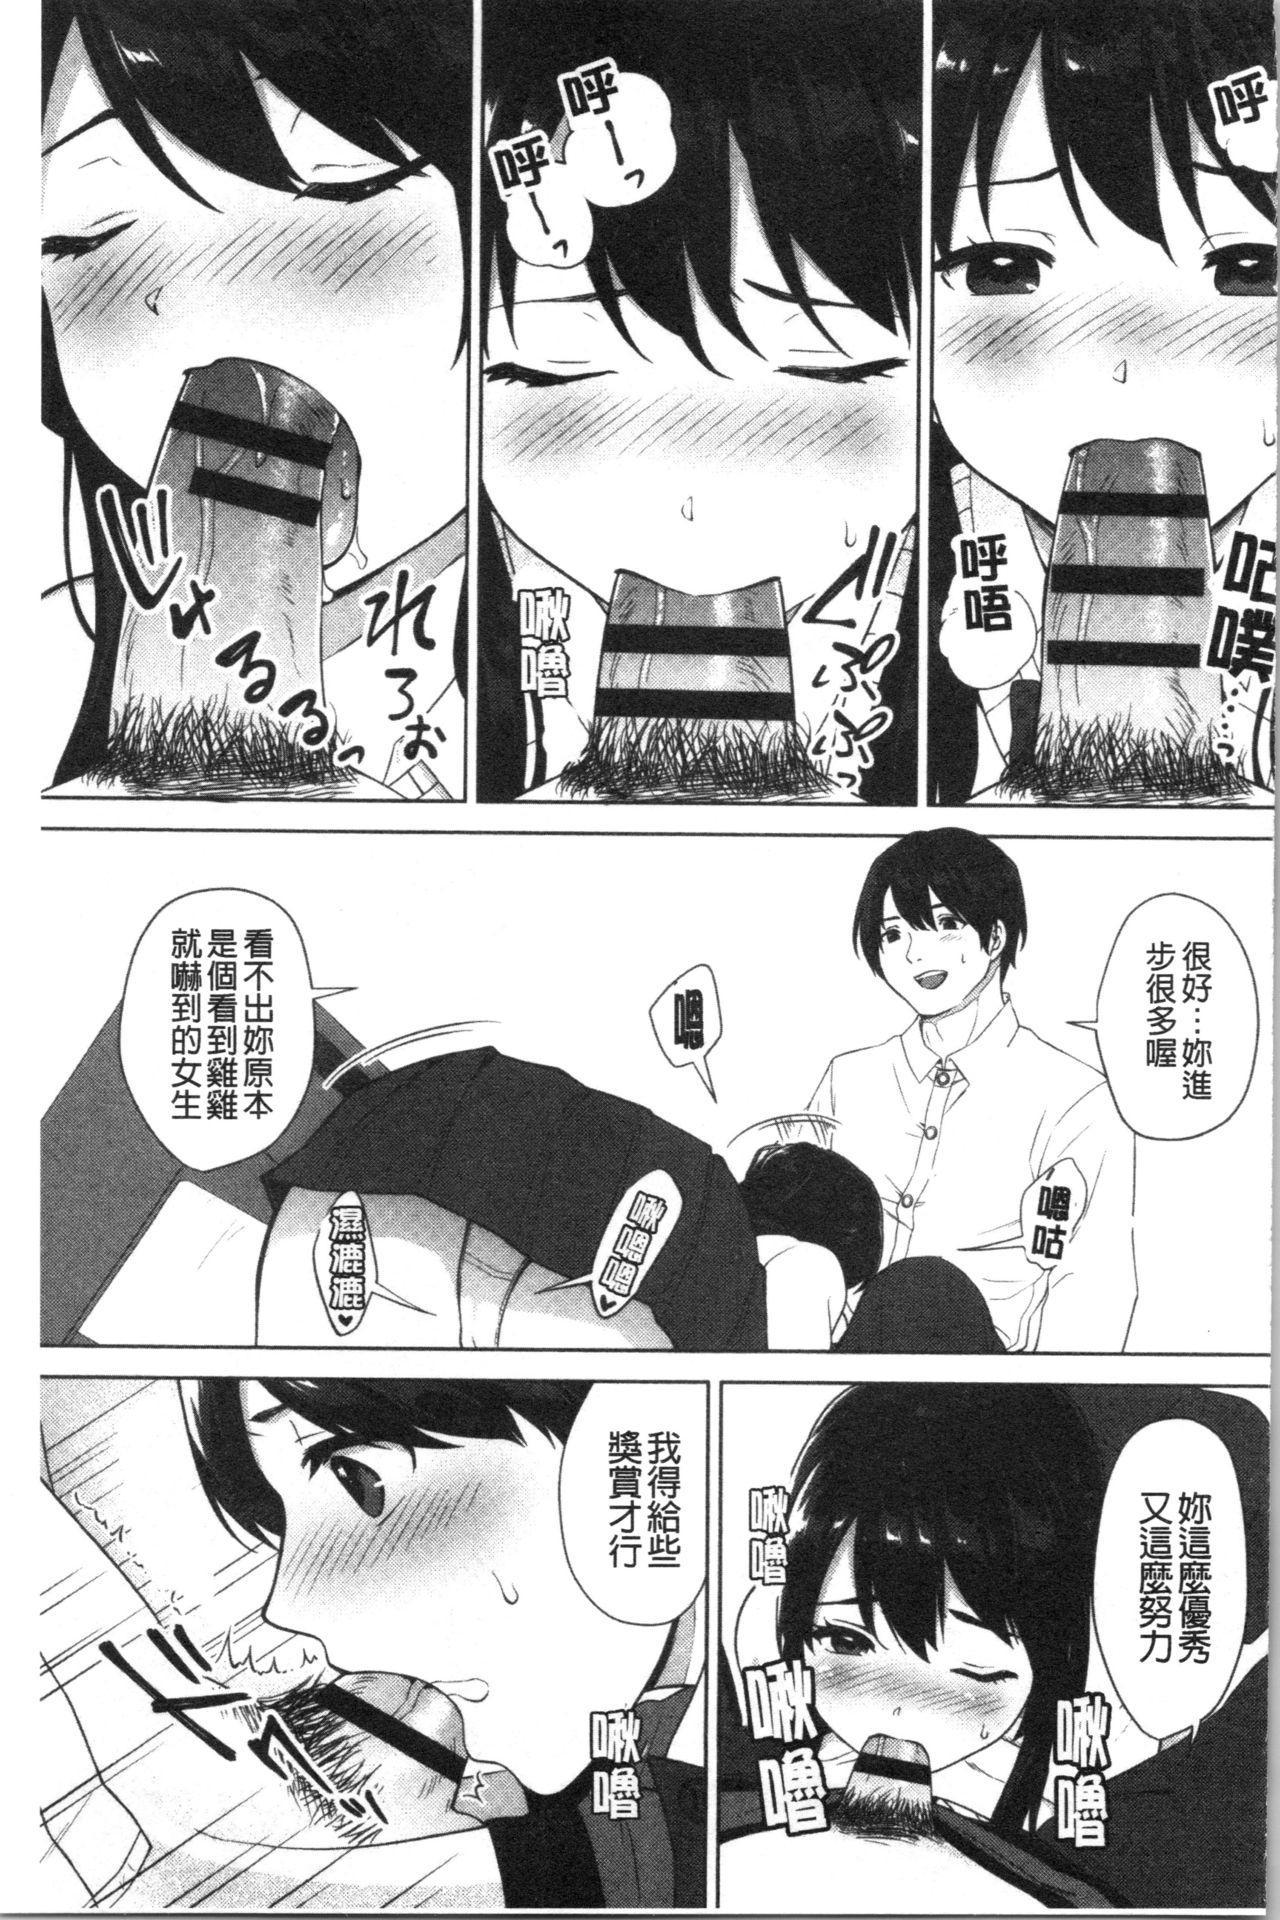 #Echi Echi Joshi to Tsunagaritai | #好色淫蕩女子想和她搞一下 163